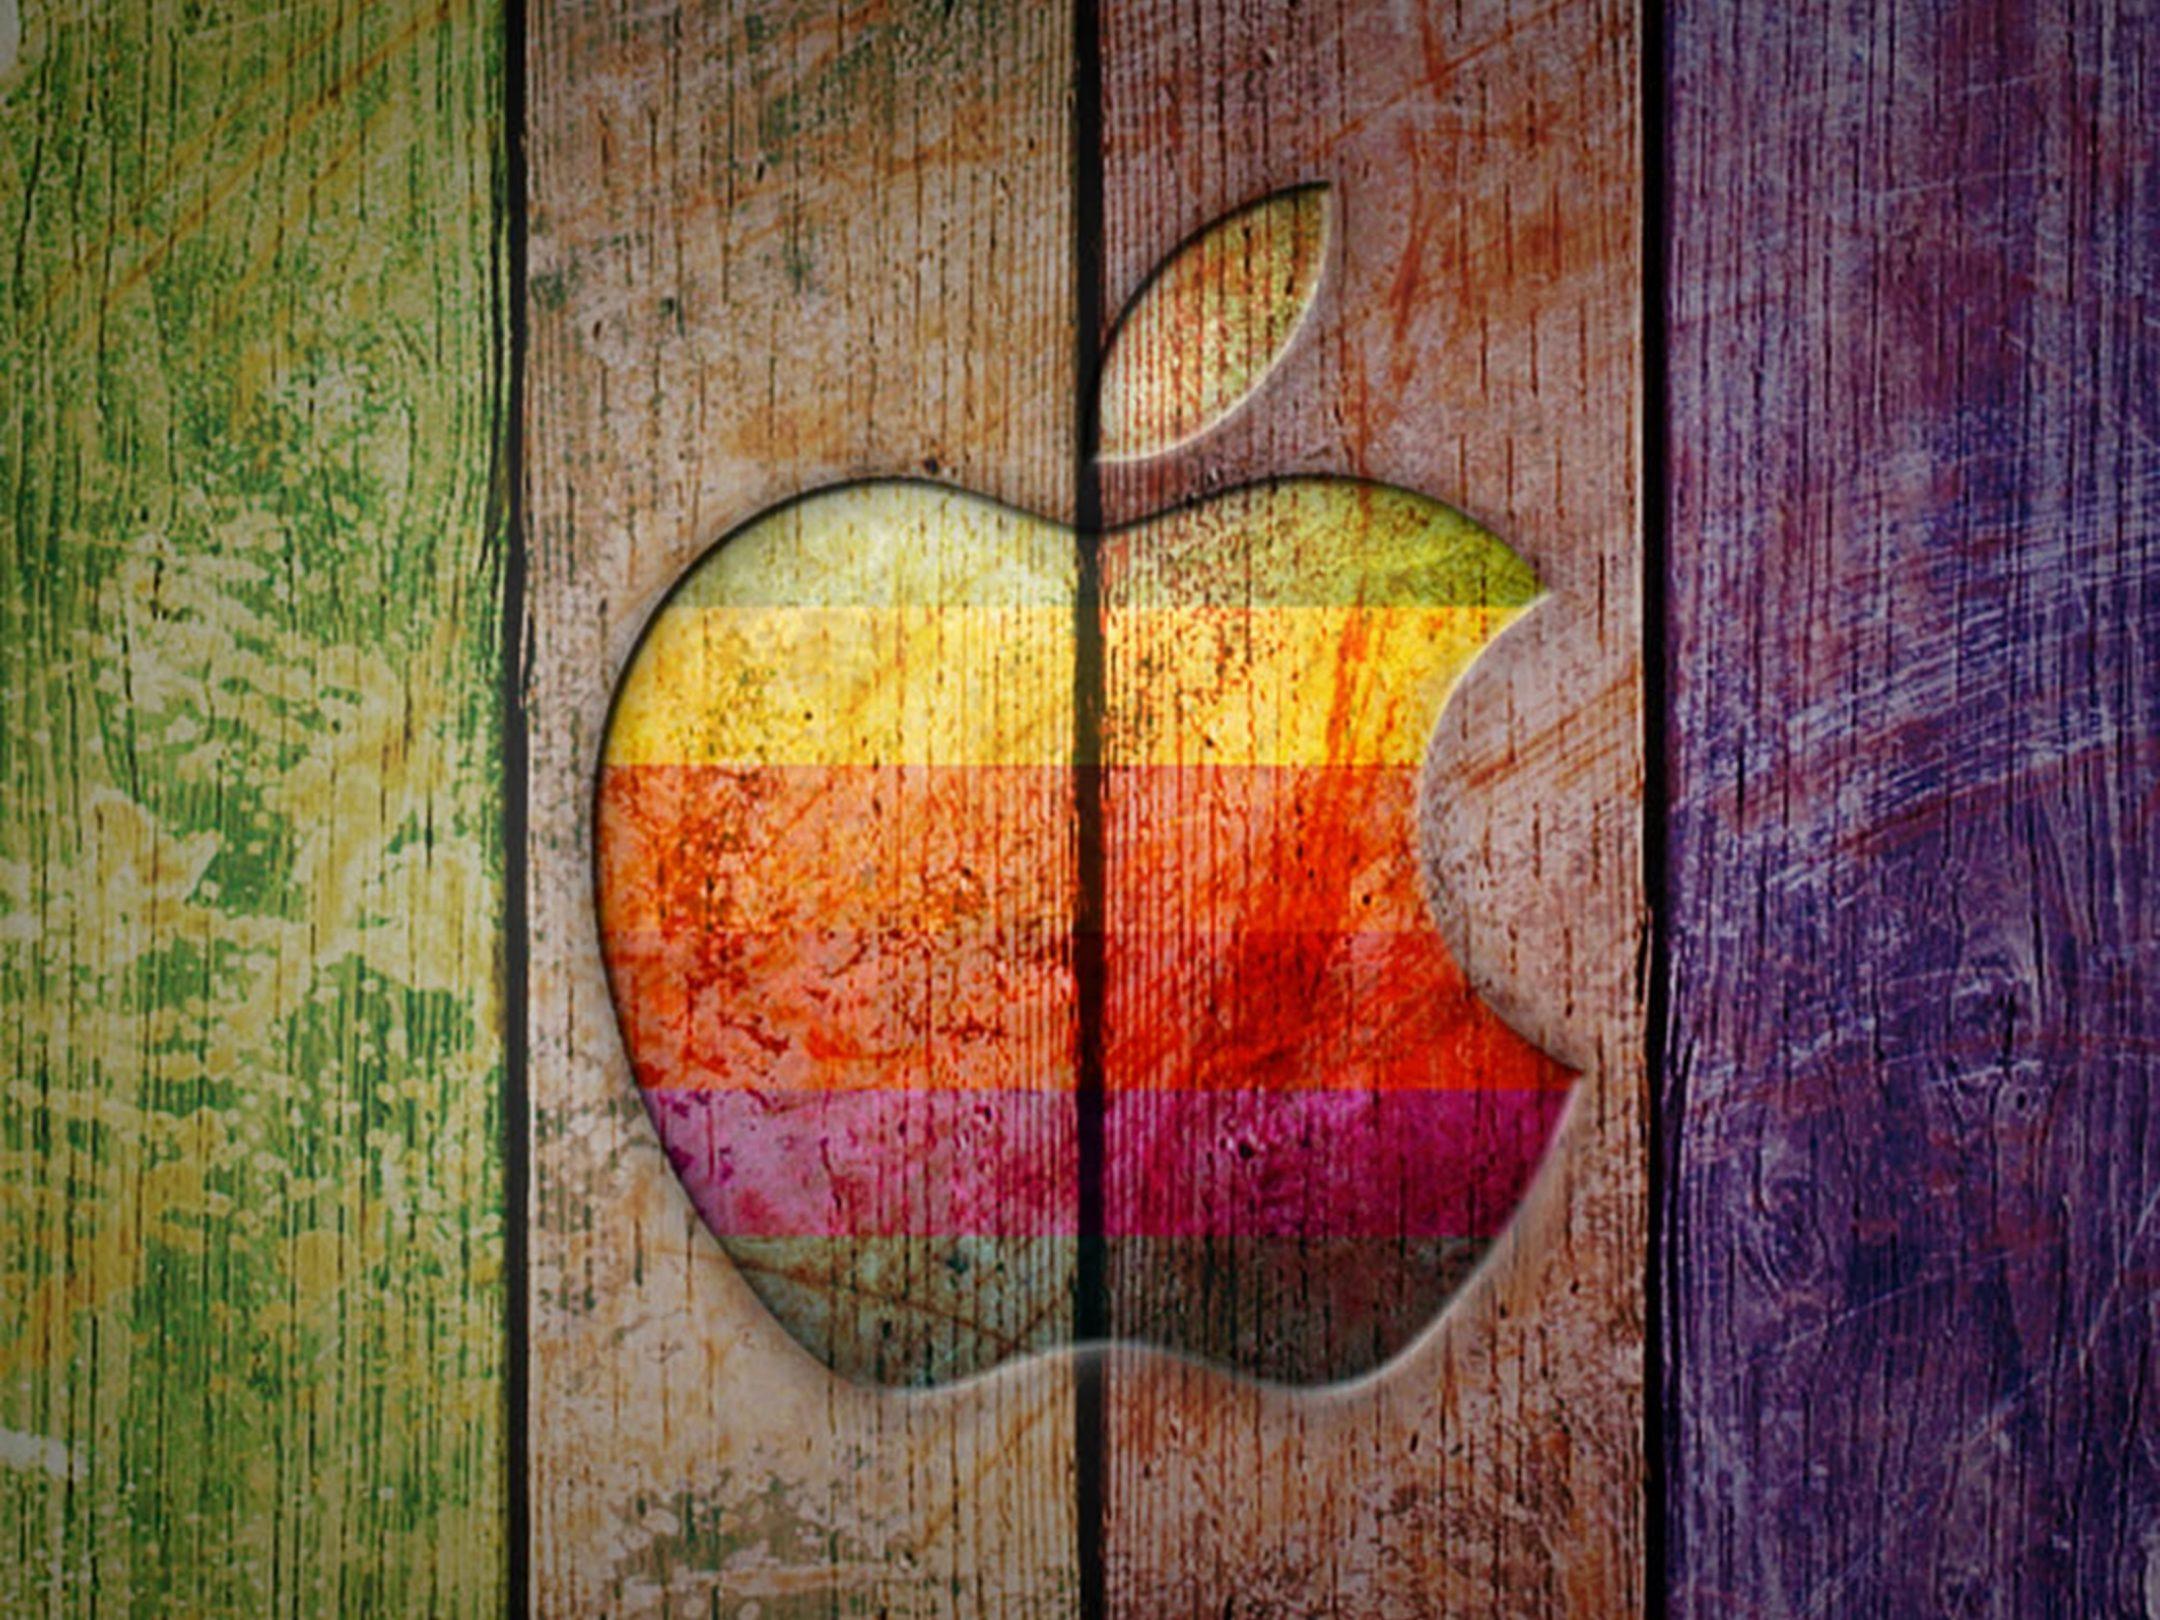 2160x1620 iPad wallpaper 4k Apple Logo on Colorful Wood Ipad Wallpaper 2160x1620 pixels resolution